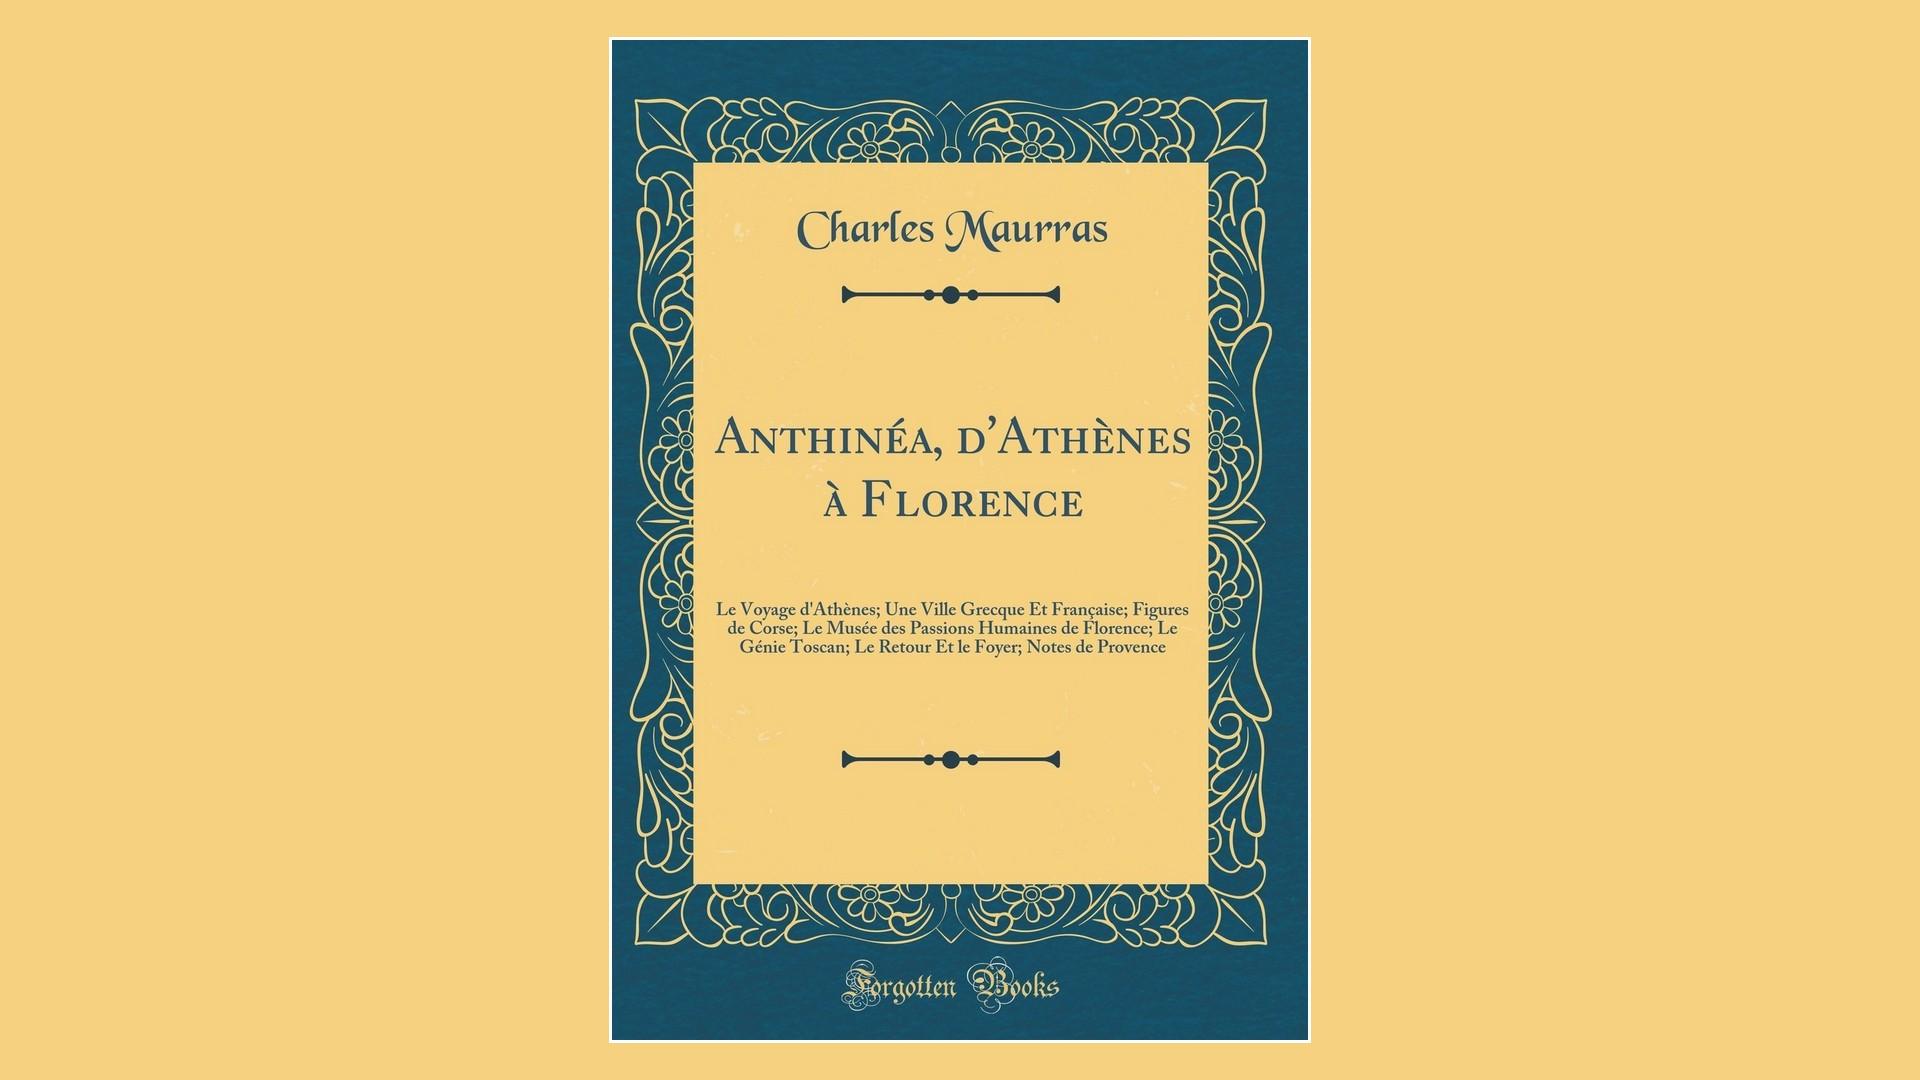 Livres – Anthinéa, d'Athènes à Florence – Charles Maurras (1900)